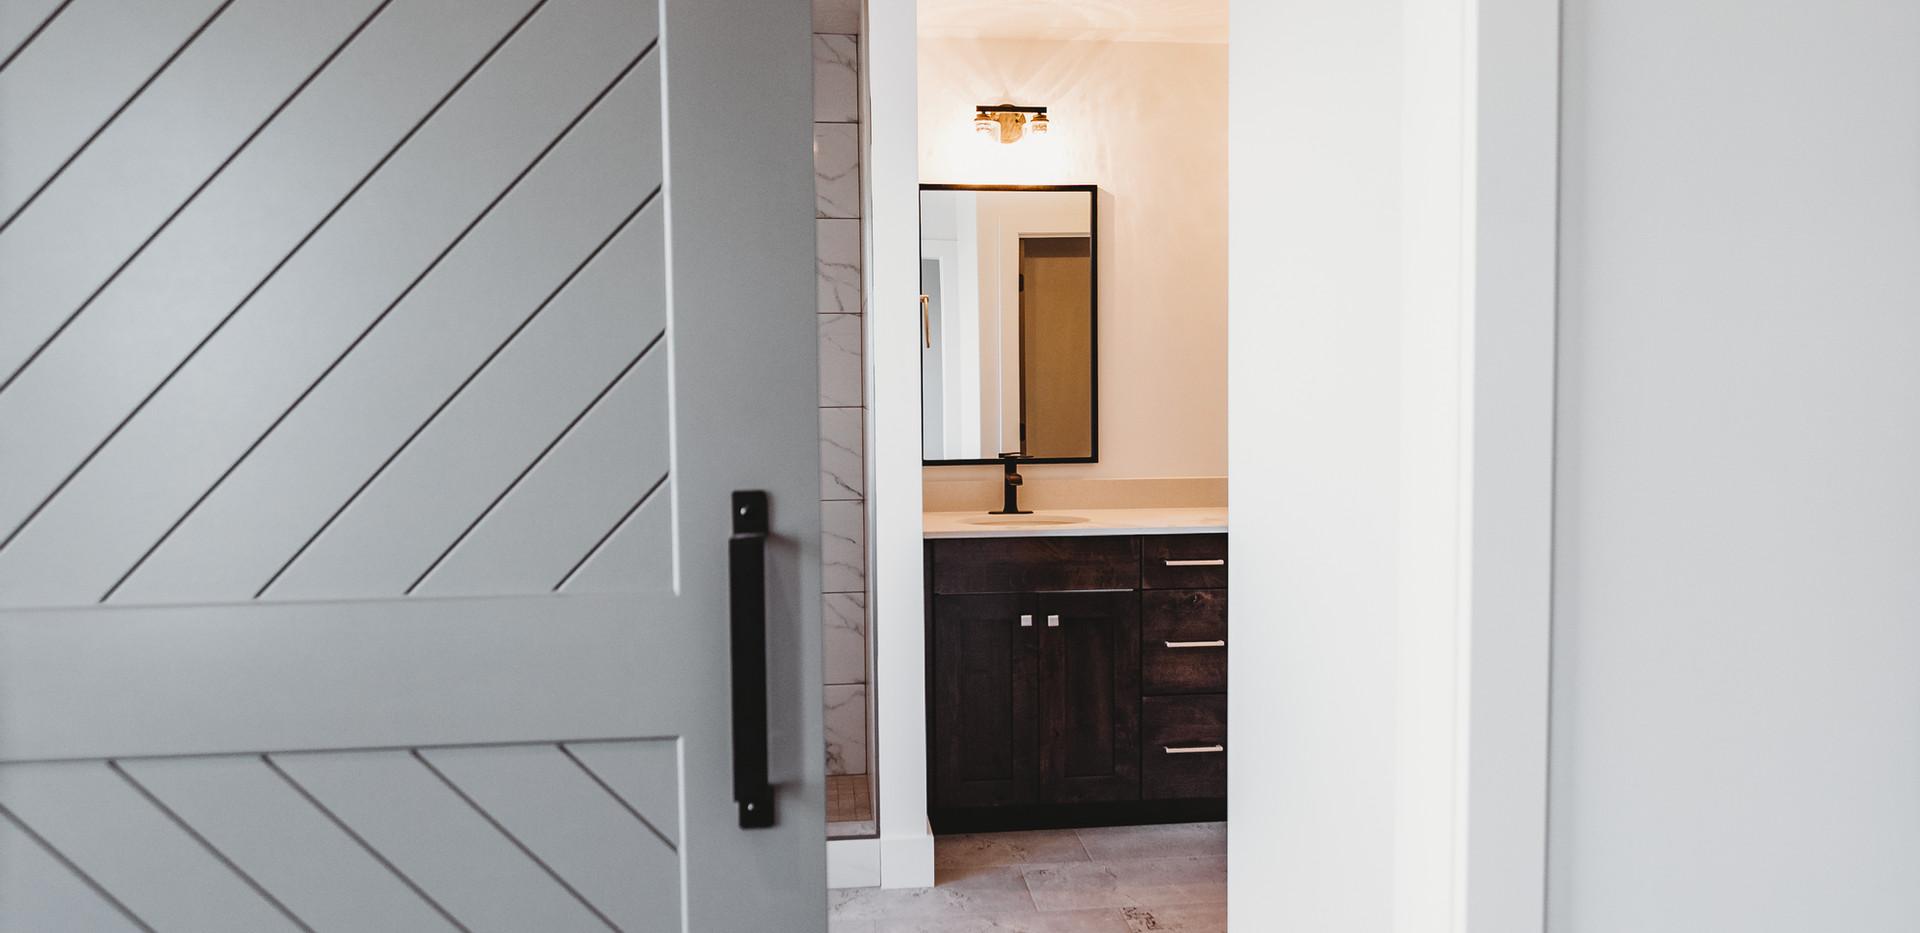 Entry to Master Bath/Closet